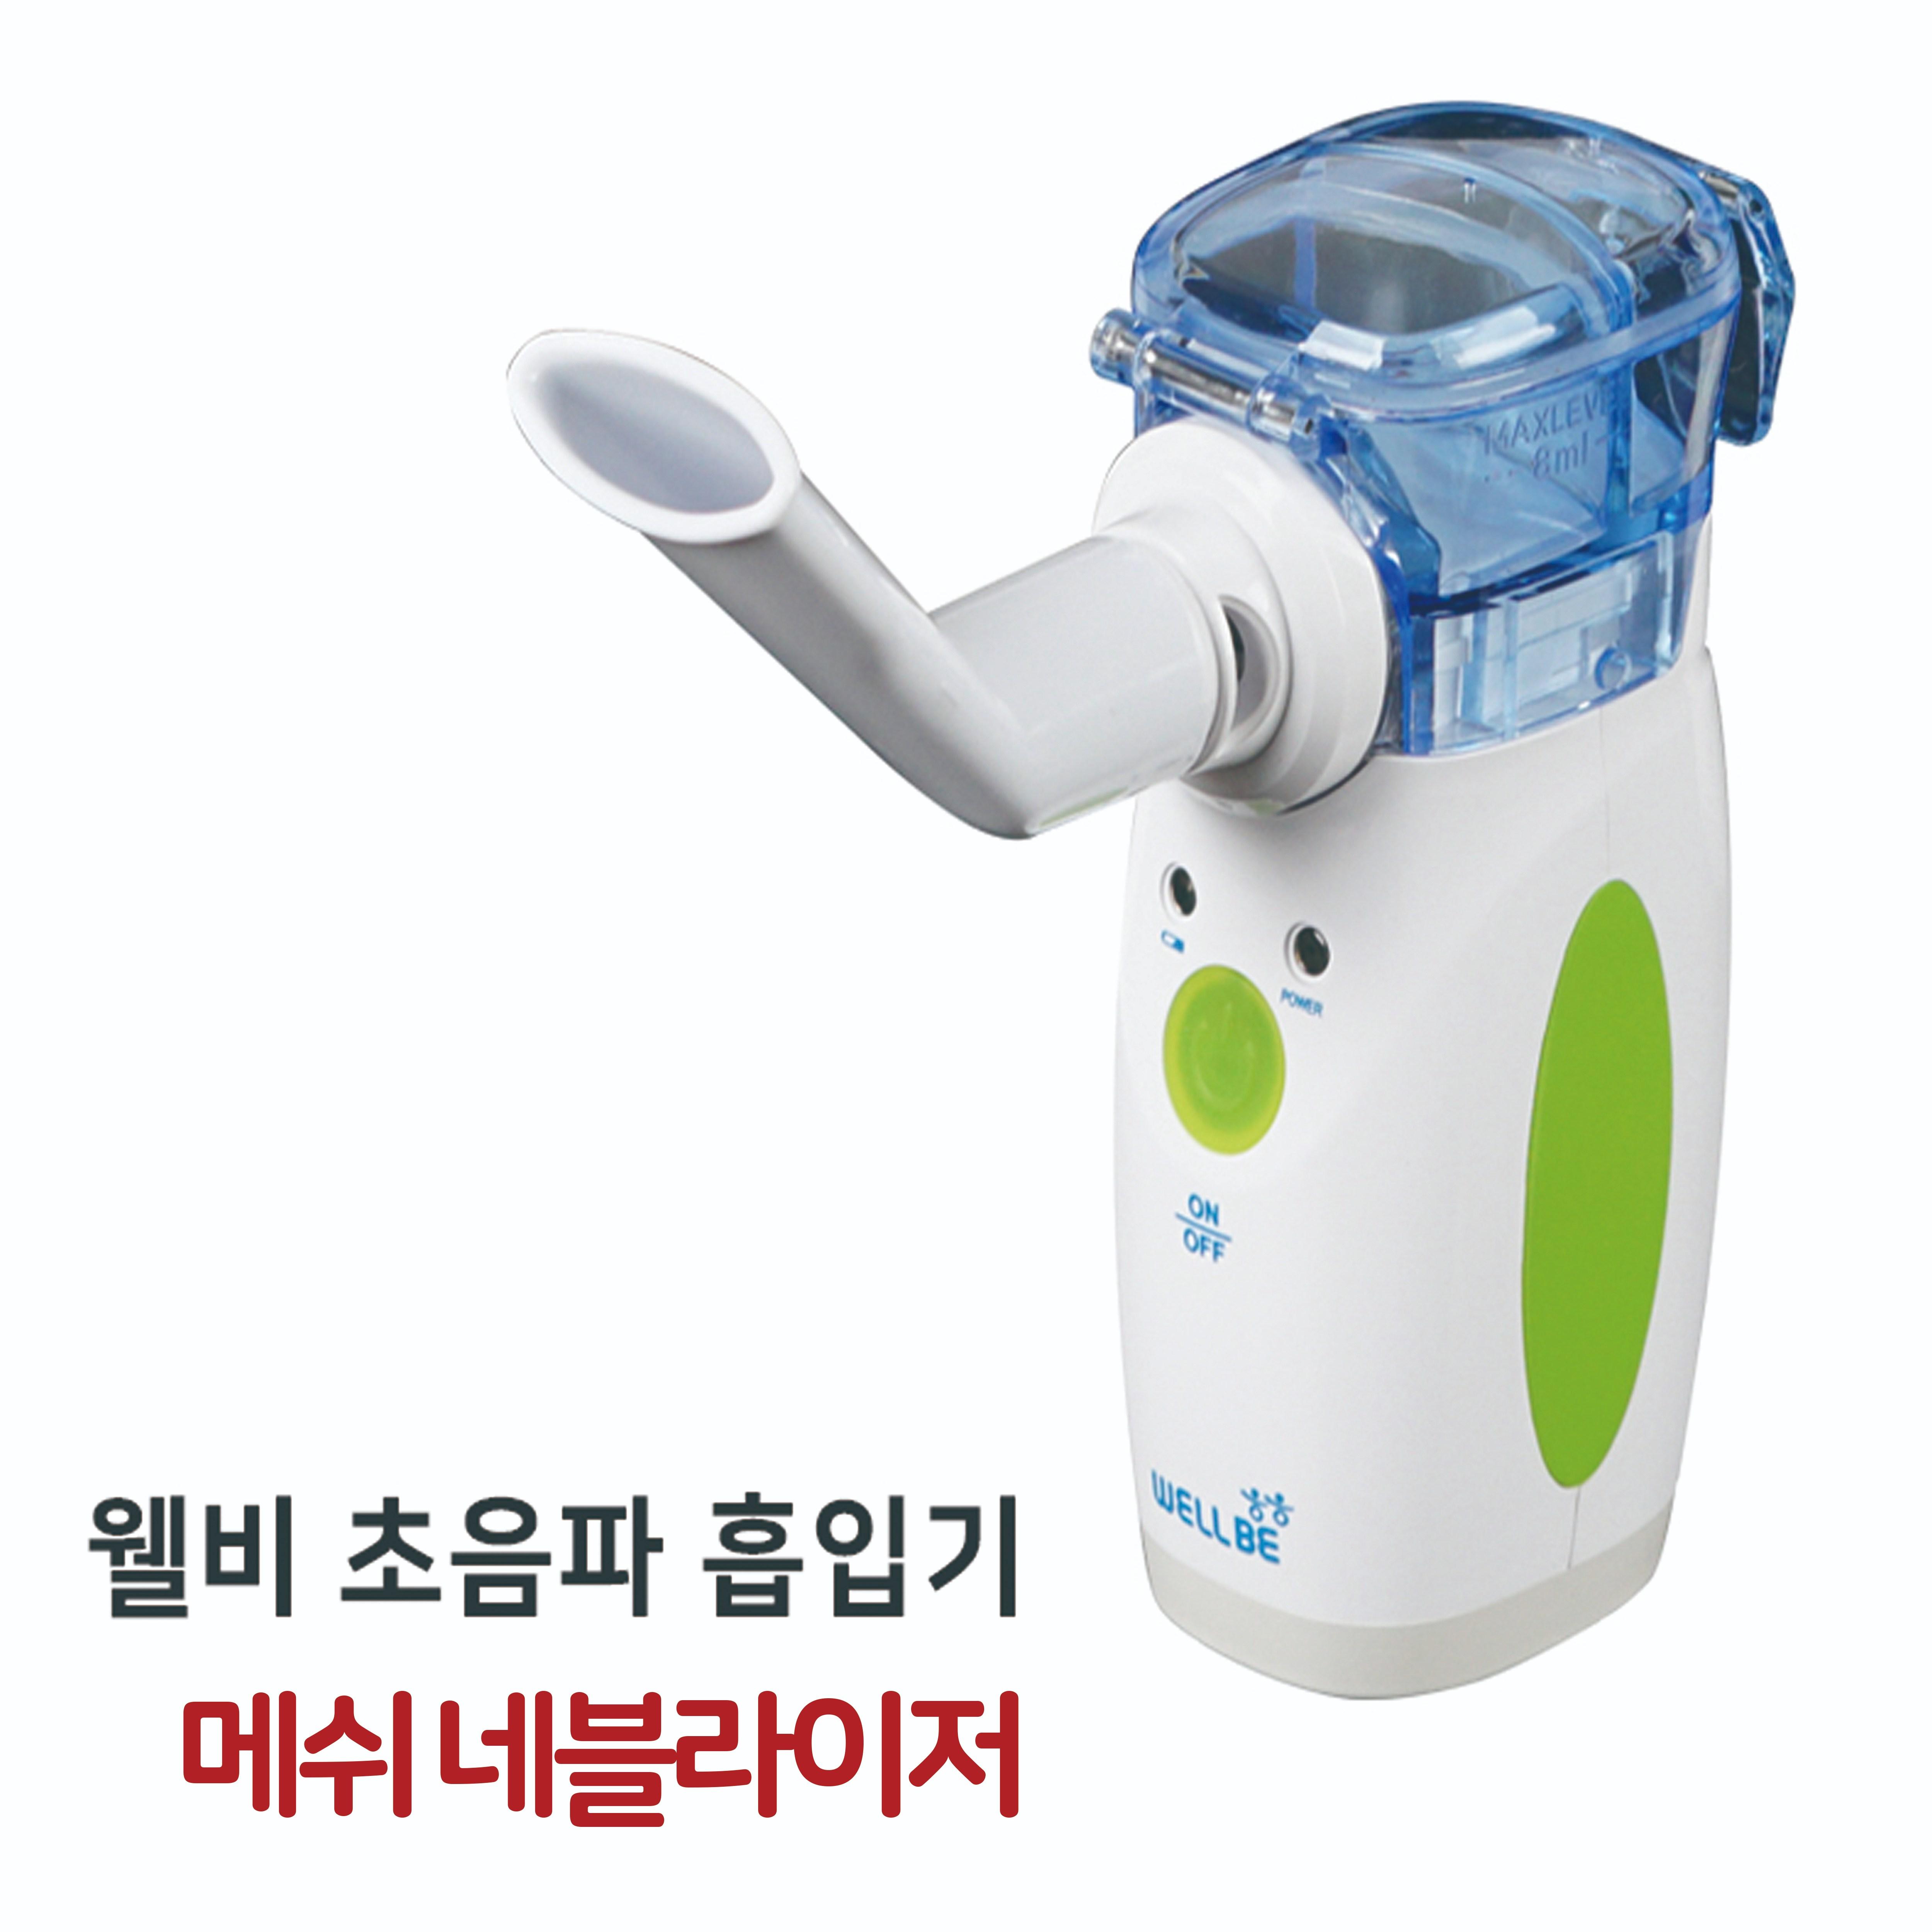 진산메디칼 웰비초음파흡입기 (어뎁터 증정)메쉬네블라이저, 1세트 (POP 1738882188)